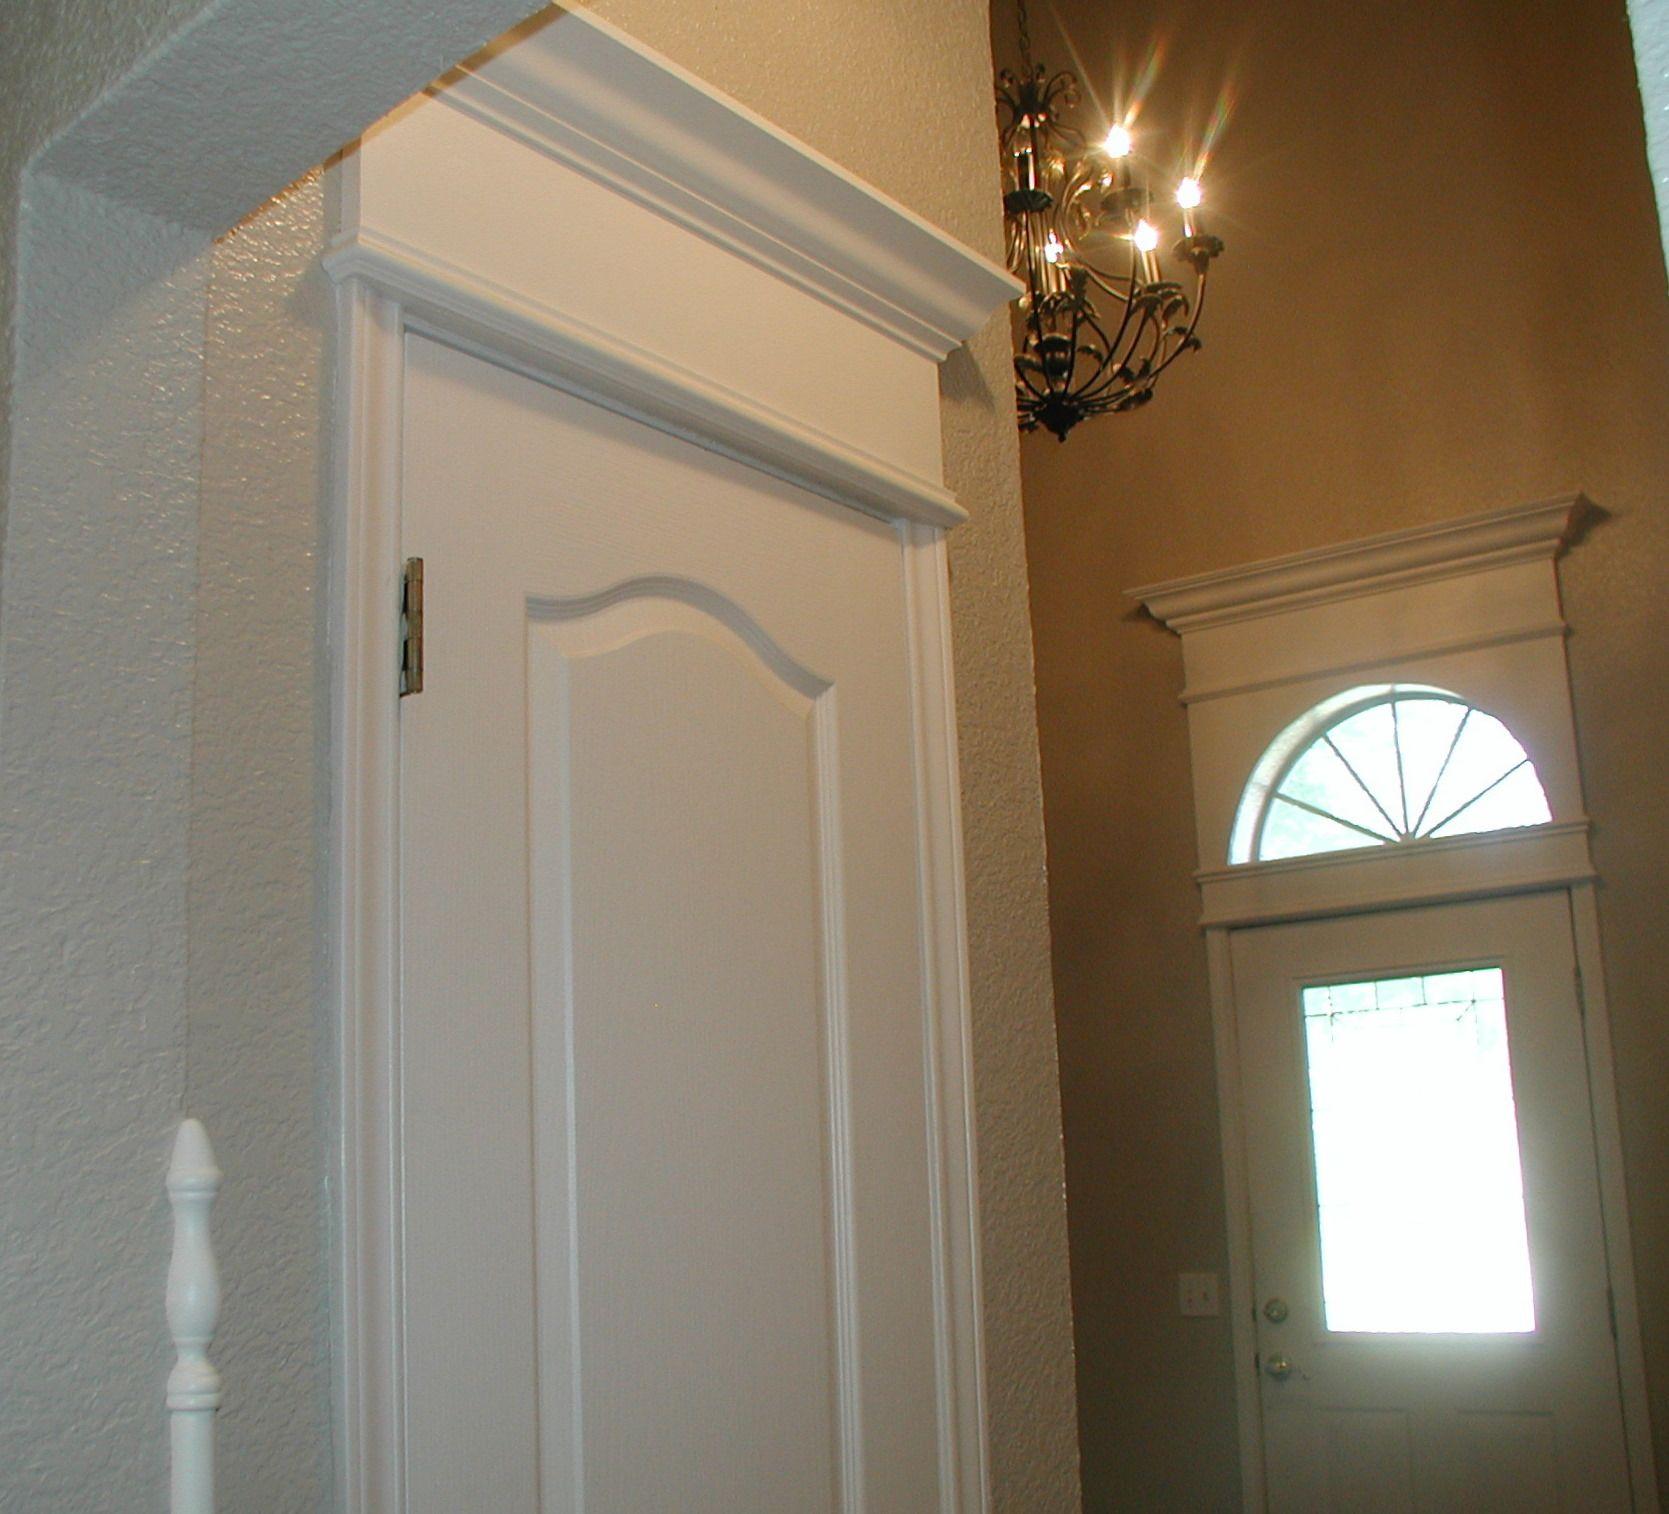 Project Cornice Of Crown Moulding Over Door Baseboard Styles Wall Molding Design Door Molding